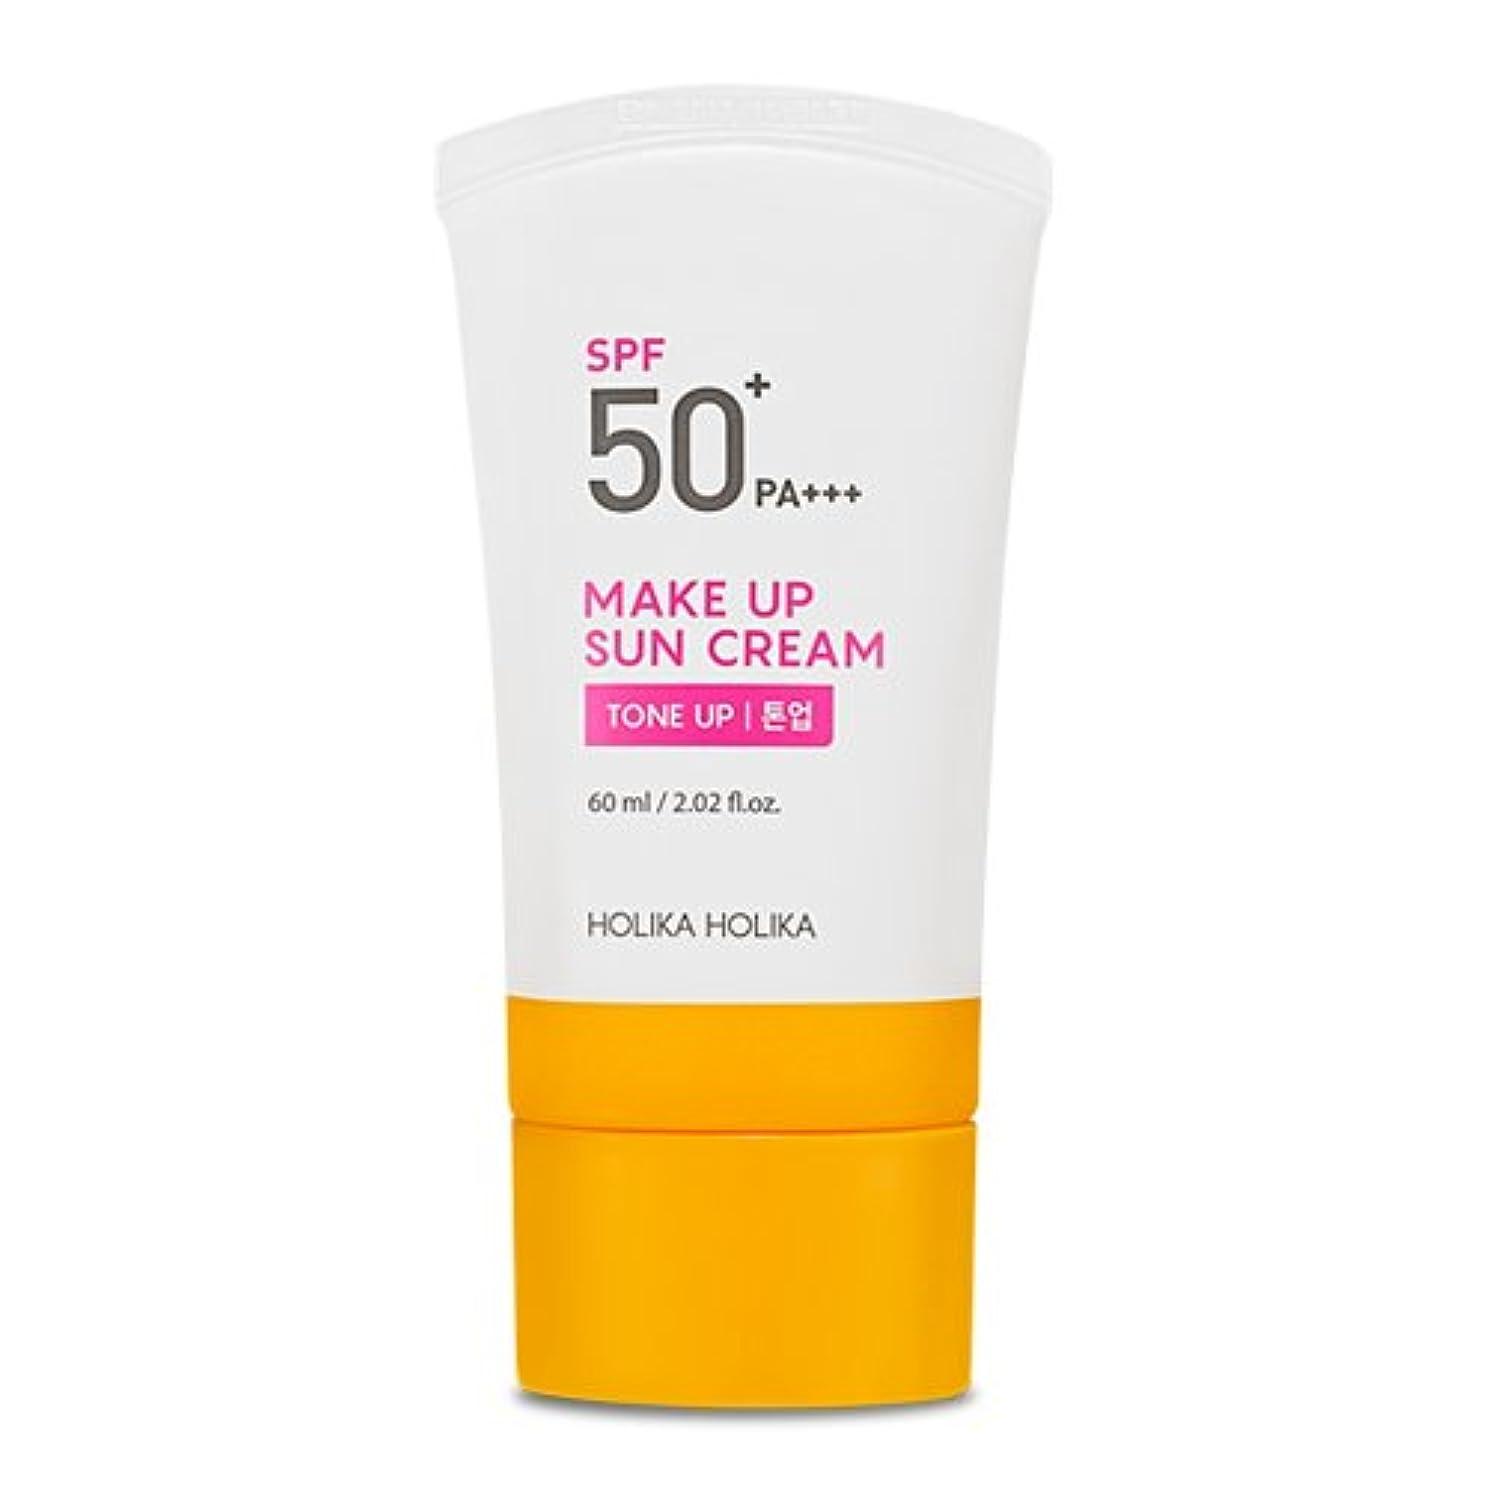 ほぼクリスマス高度[2018]ホリカホリカ メイクアップ 日焼け止めクリーム/UVケア?Holika Holika Make Up Sun Cream SPF50+ PA+++ 60ml [並行輸入品]